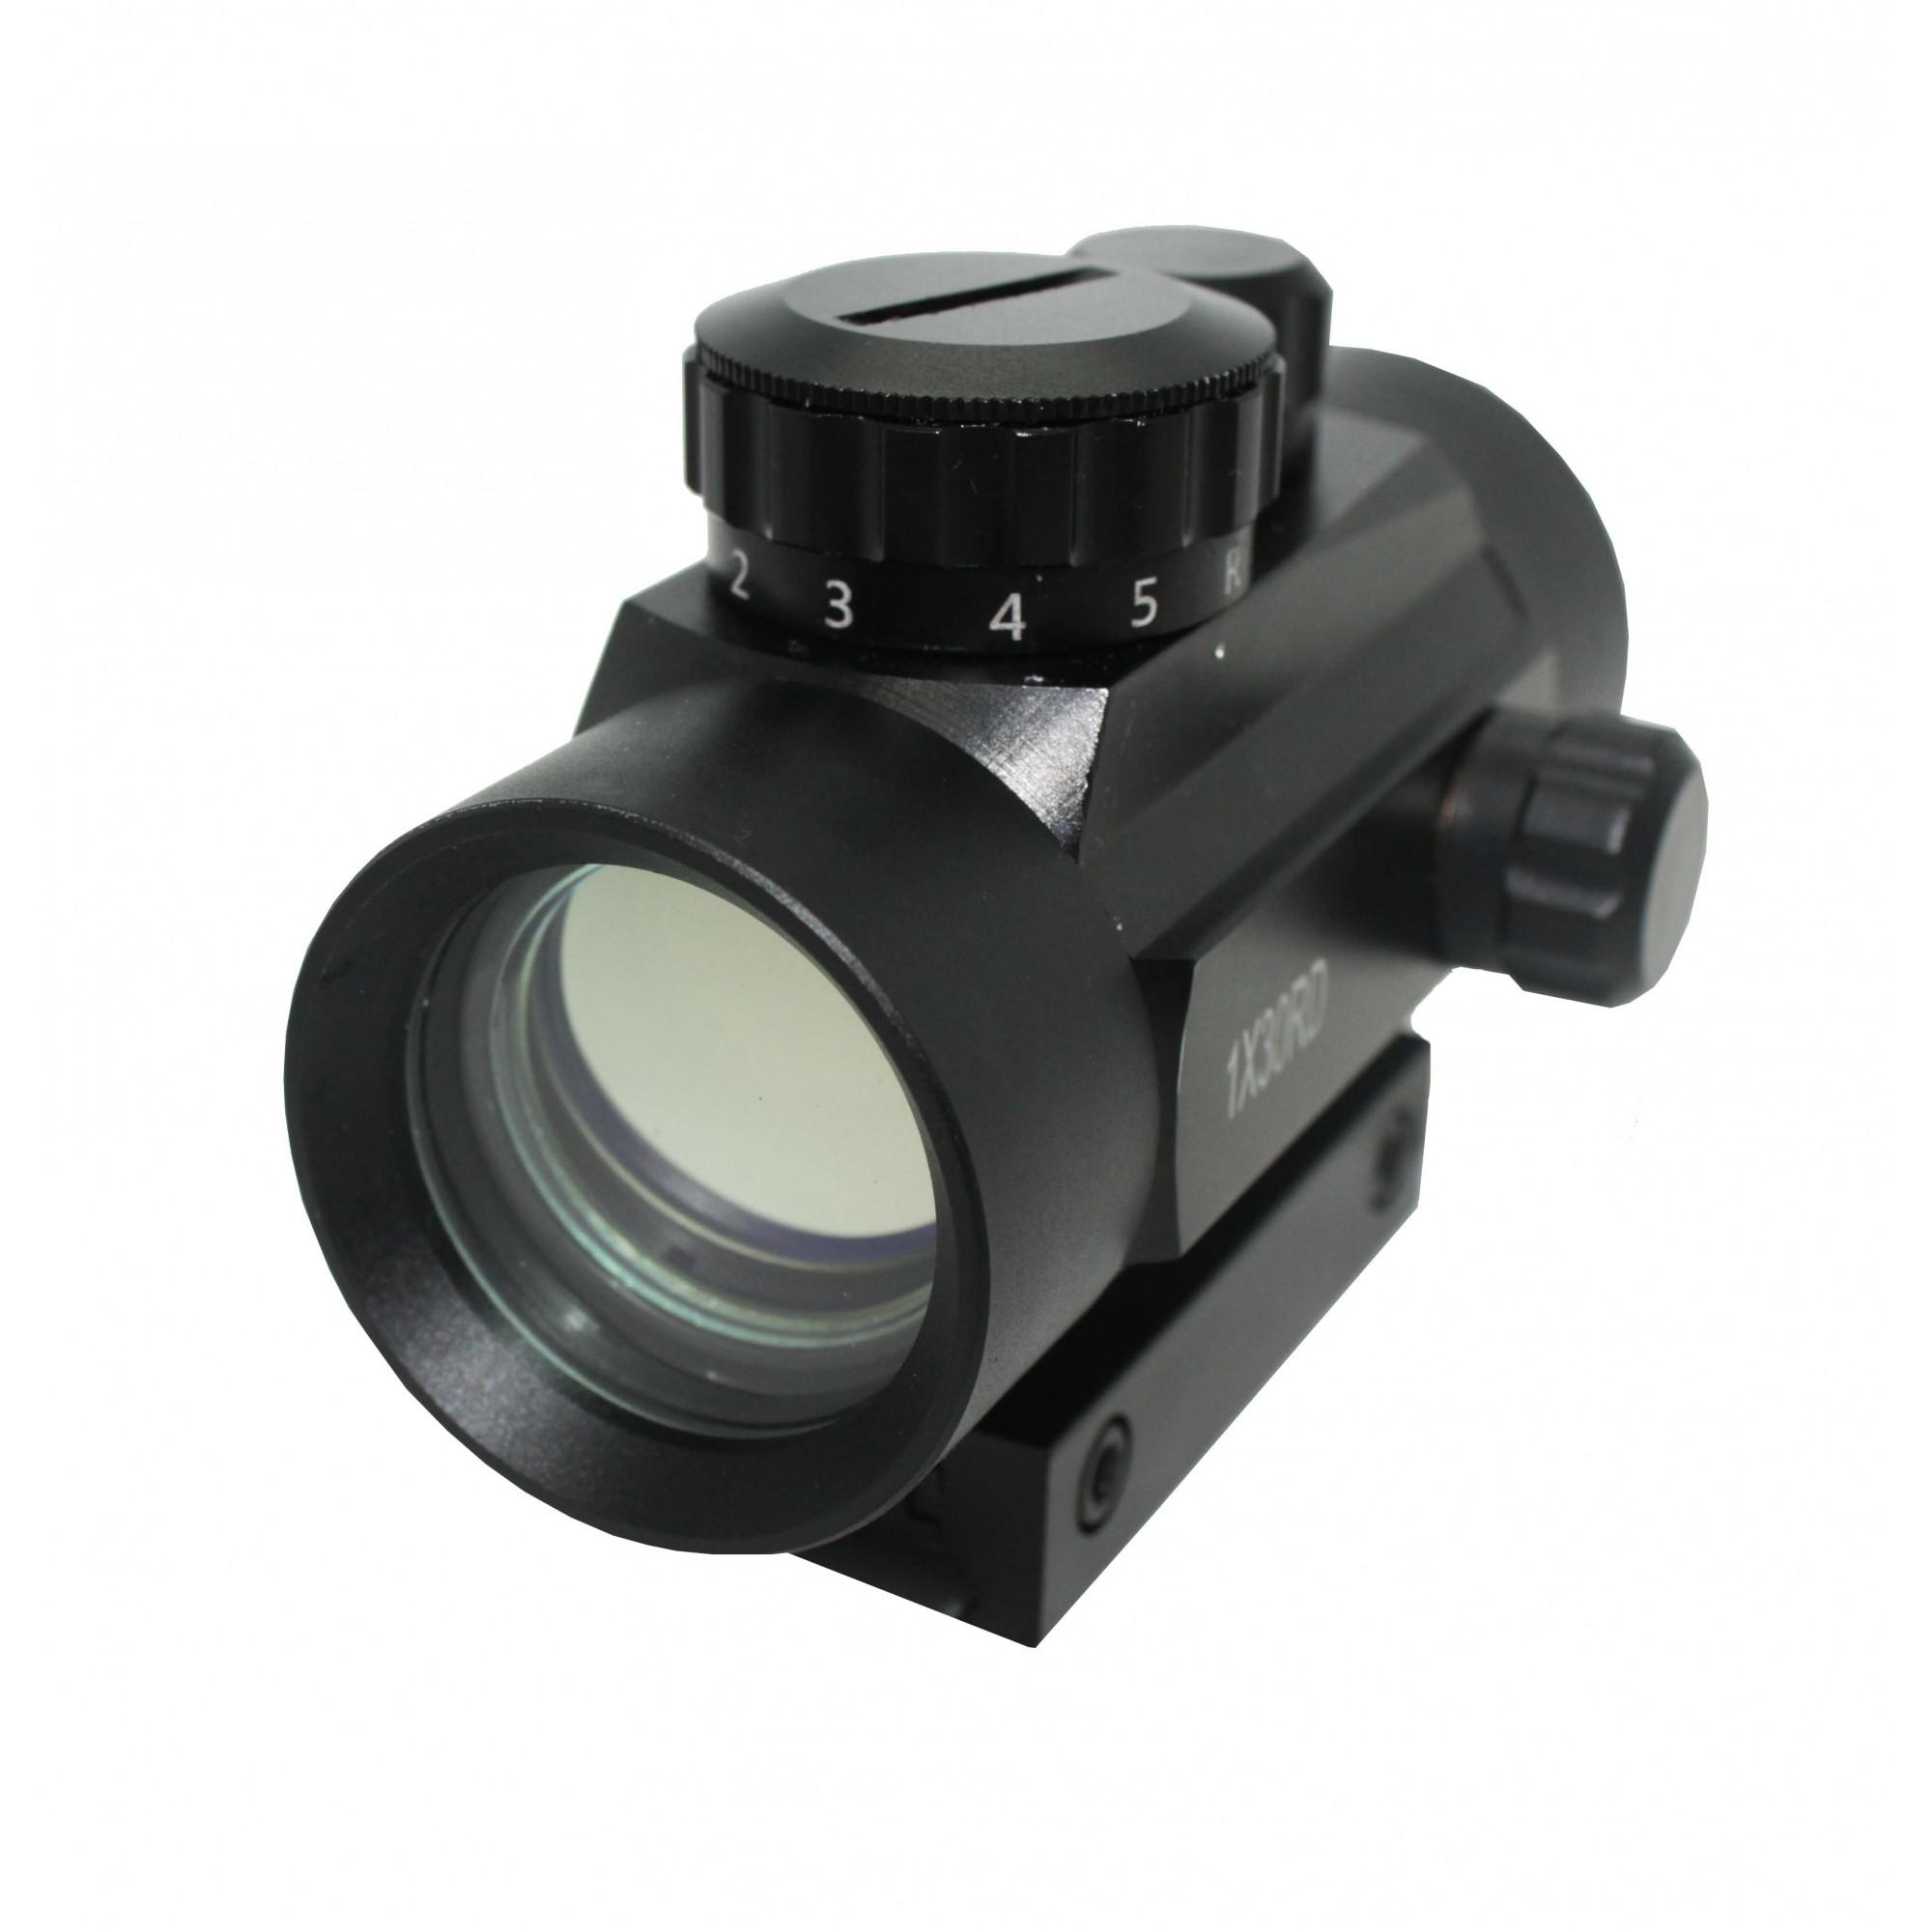 Red Dot 1X30 Para Airsoft ou Carabinas de Pressão